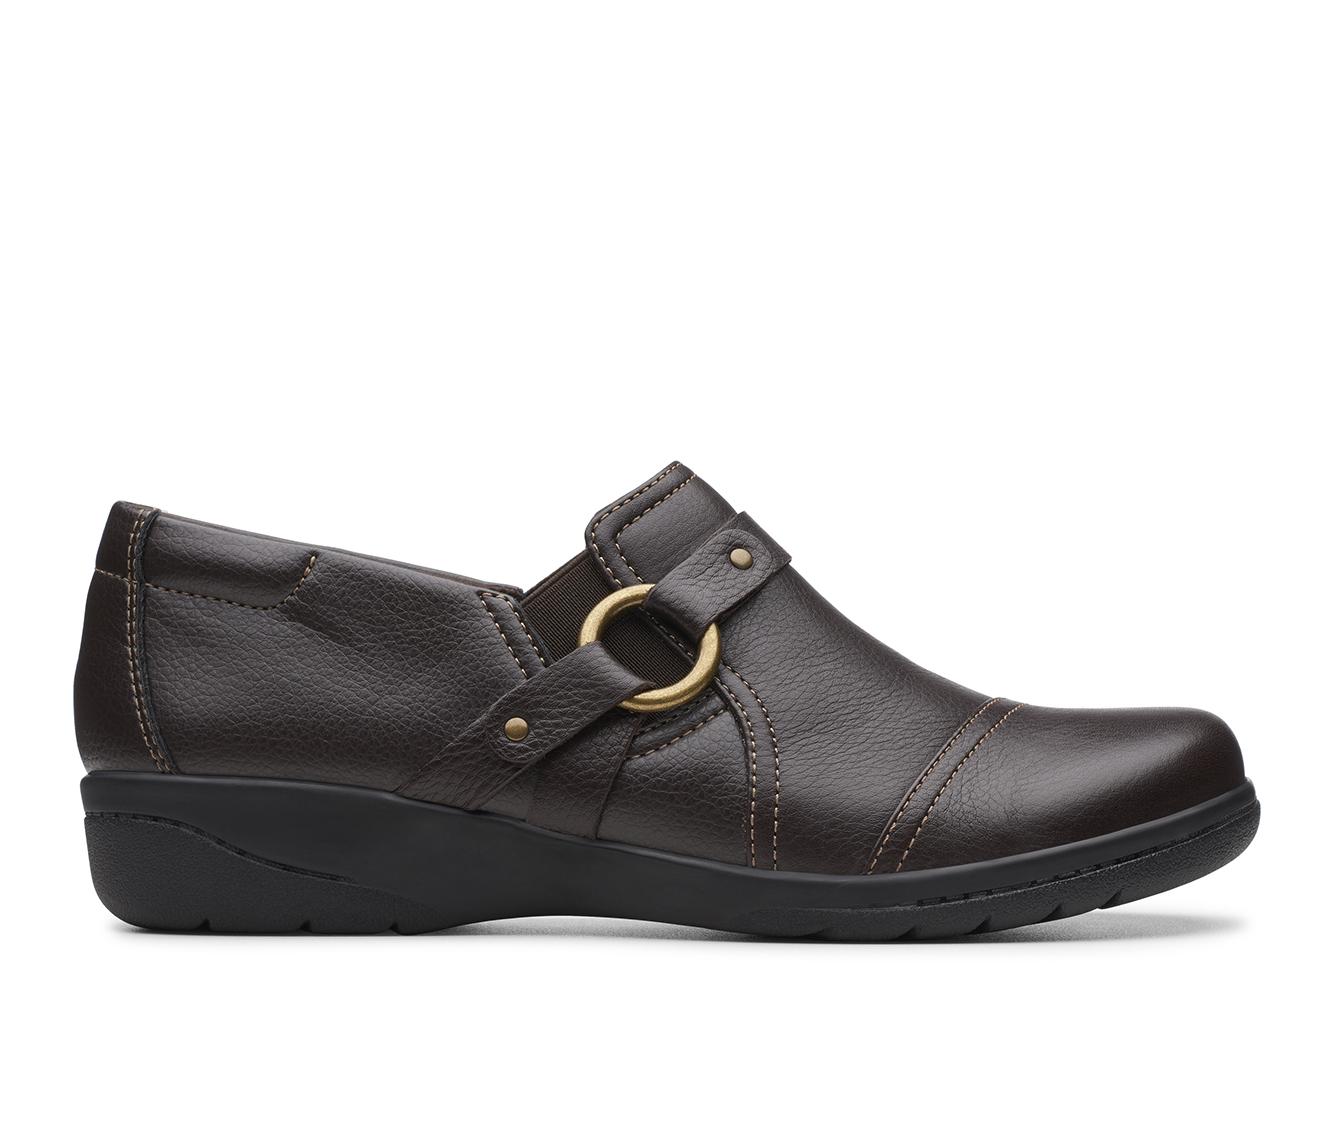 Clarks Cheyn Fame Women's Shoe (Brown Leather)